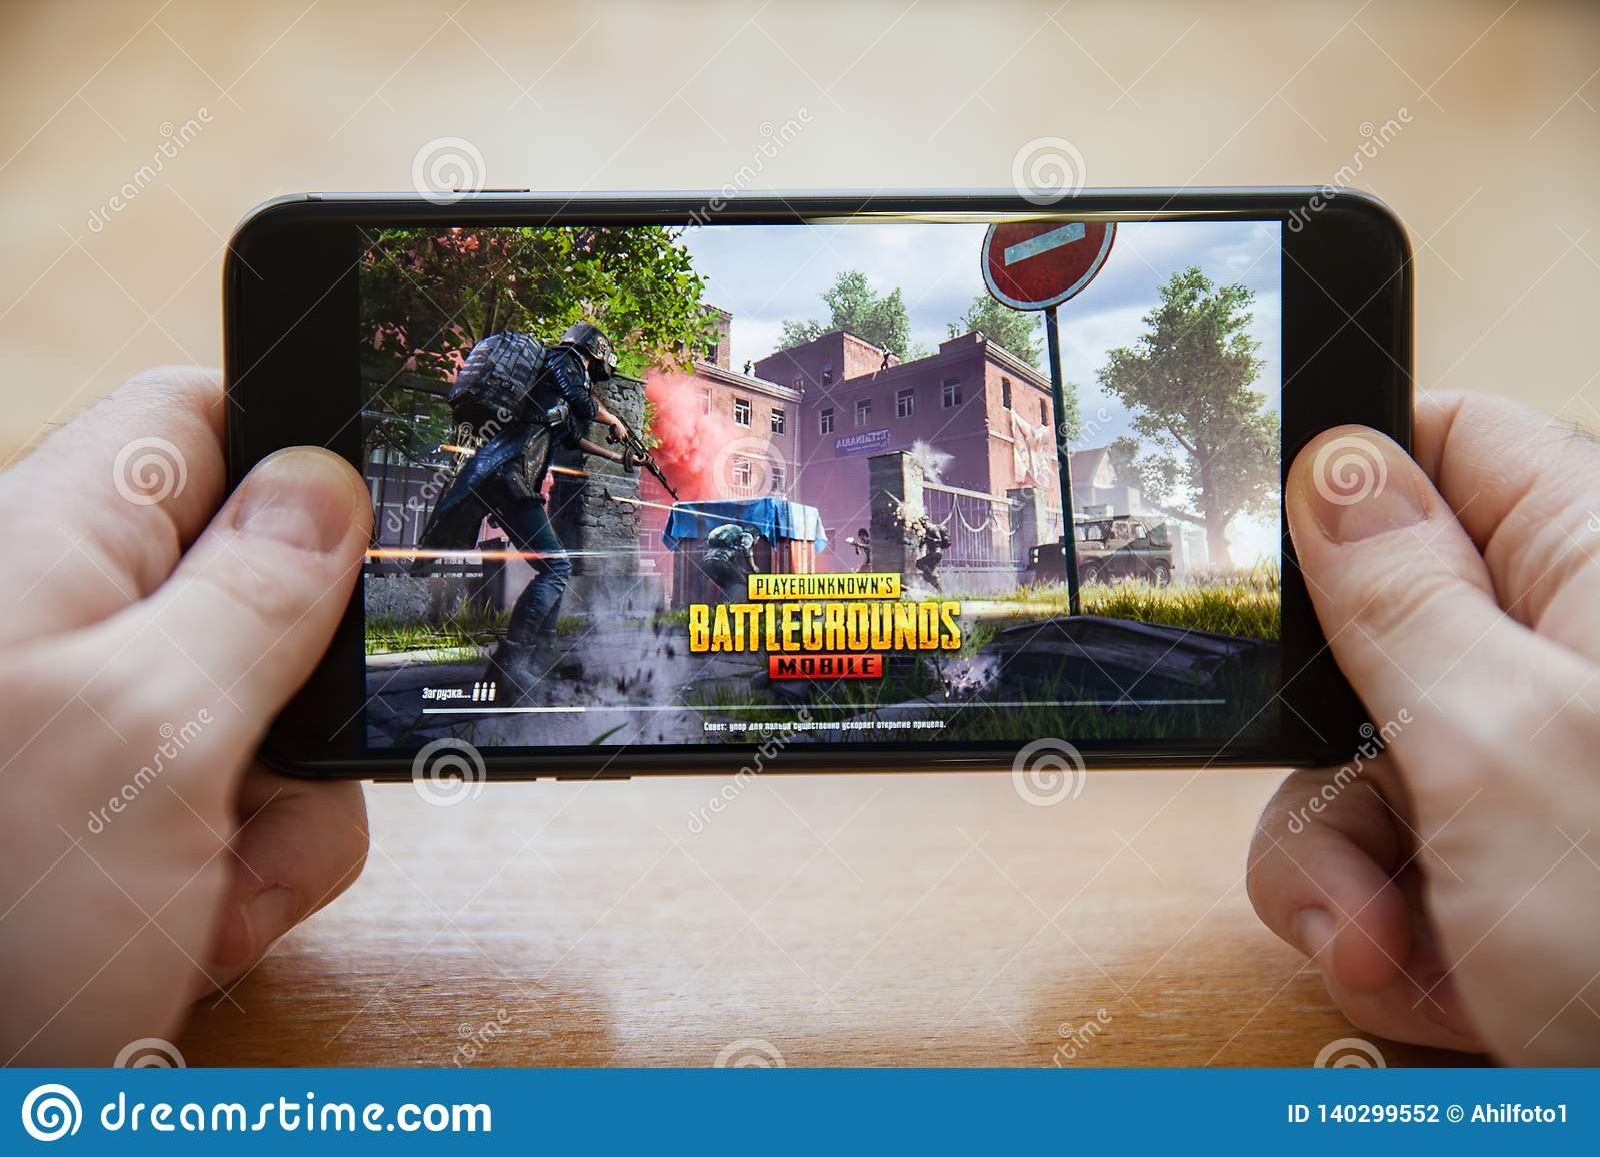 Moskou/Rusland - Februari 24, 2019: ladend pubg spel op een zwarte smartphone in mannelijke handen